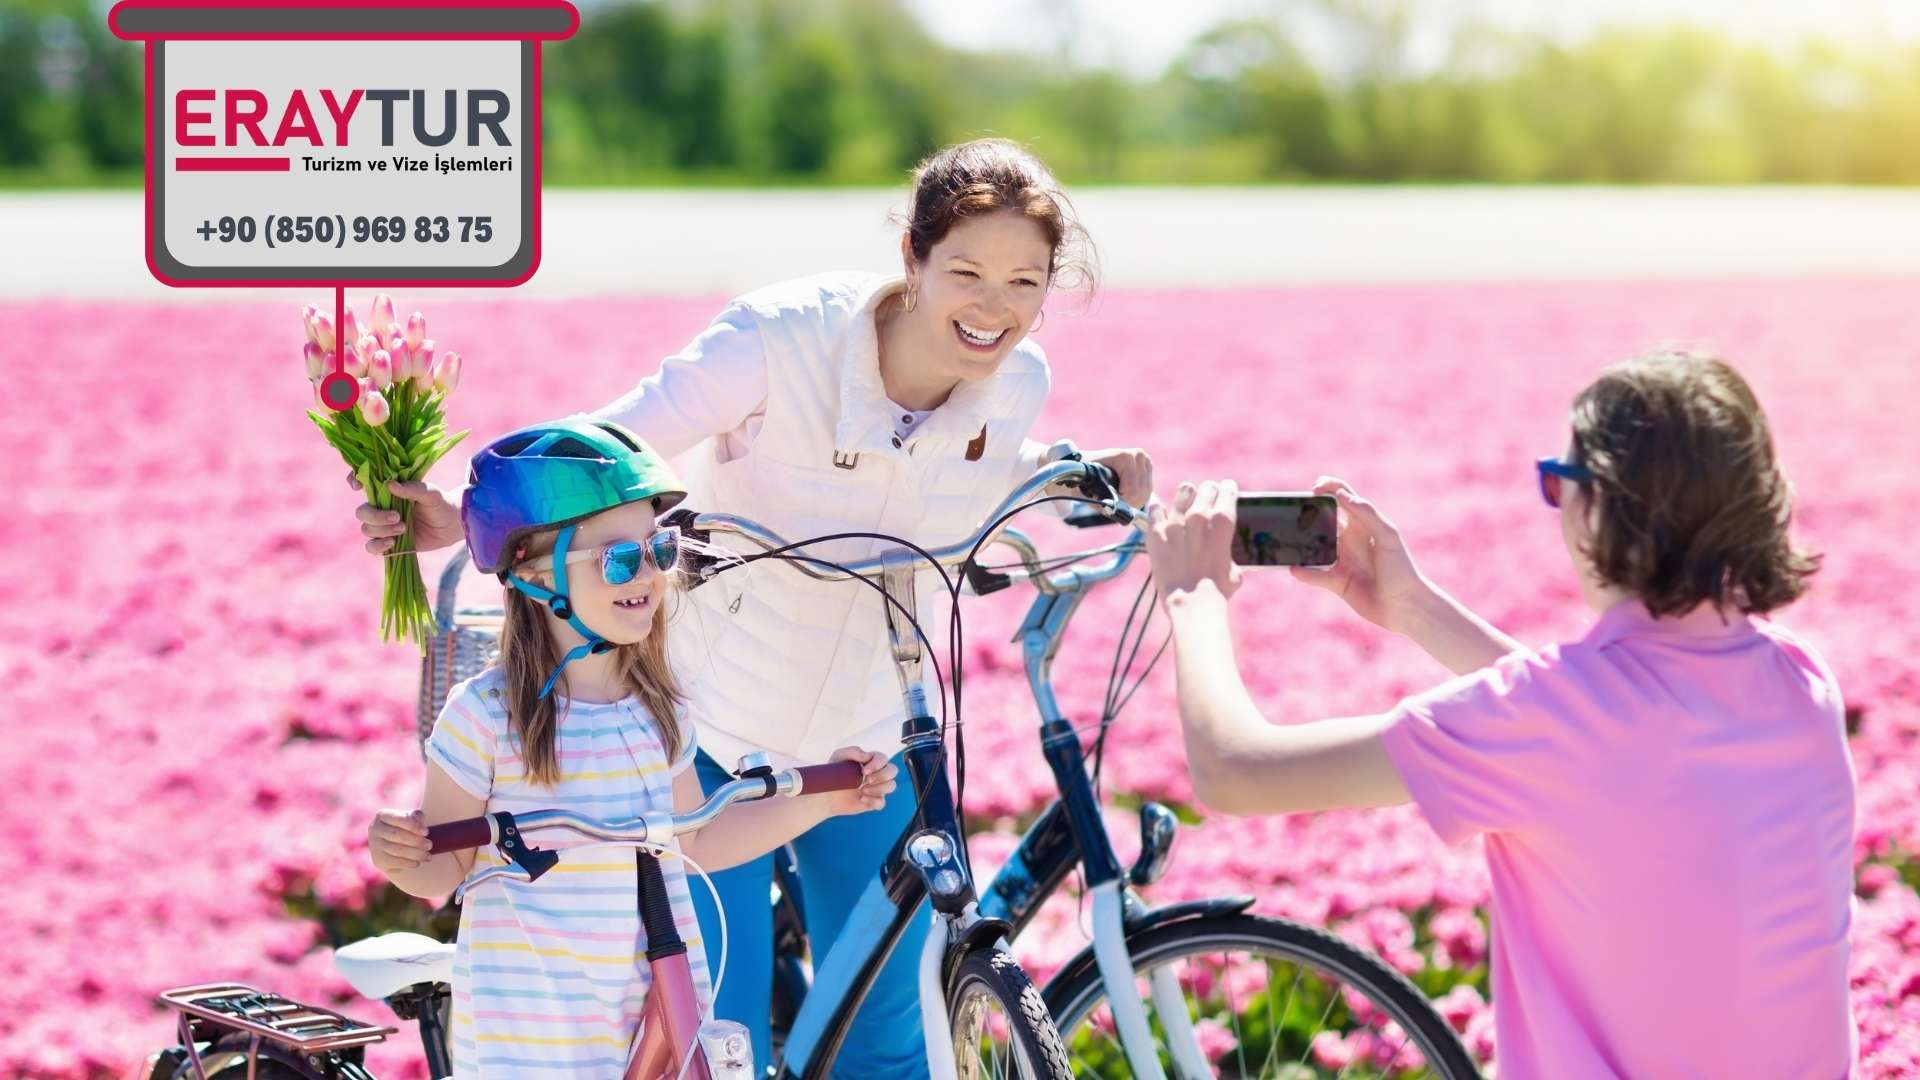 Hollanda Aile Ziyareti Davetiye Örneği